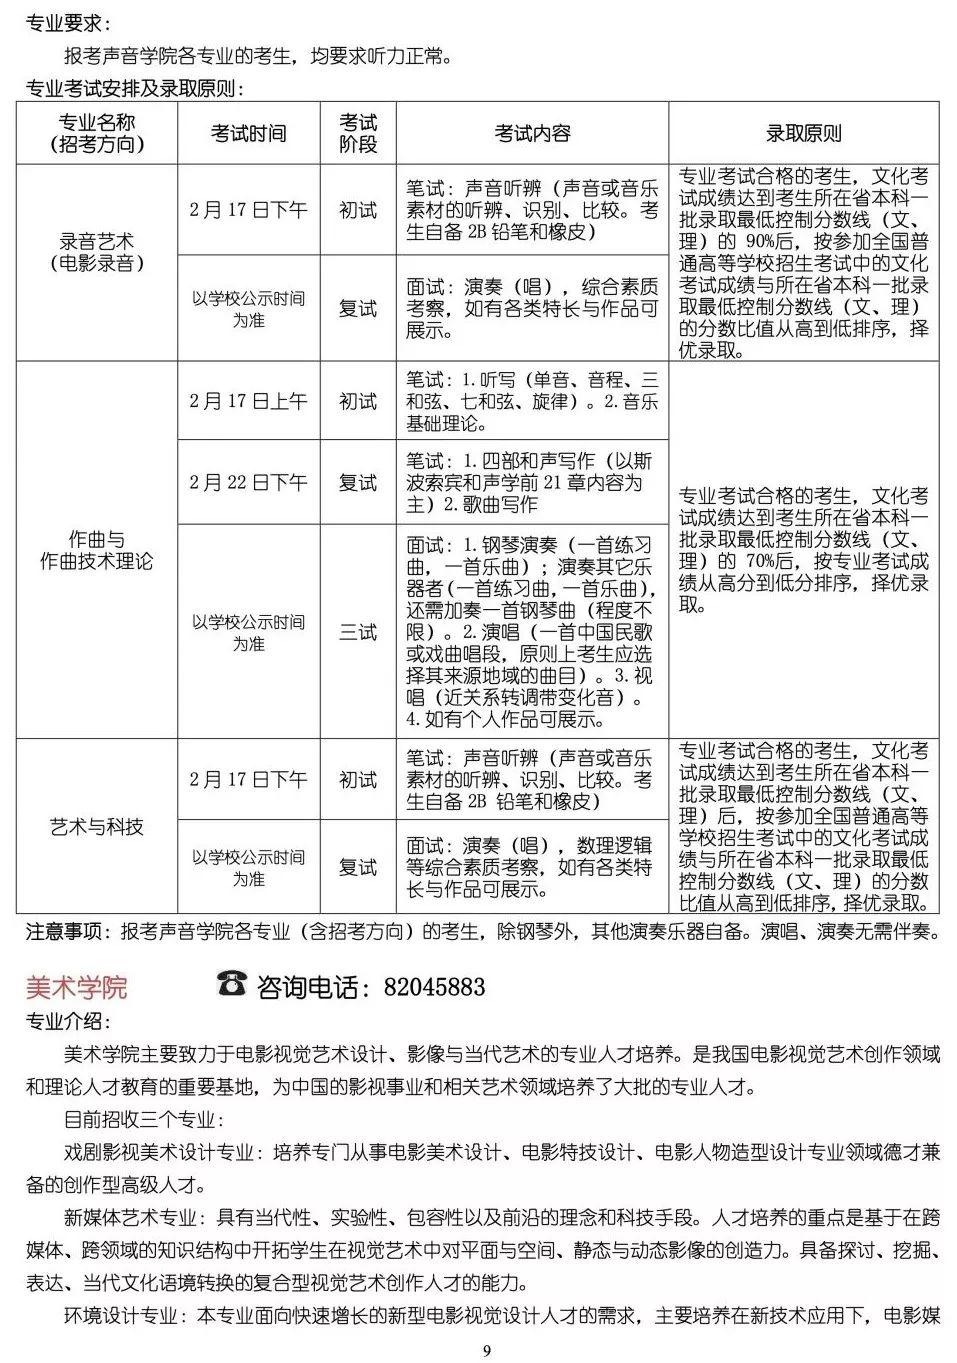 中国传媒大学,北京电影学院,中央戏剧学院,北京巅峰广艺画室       23